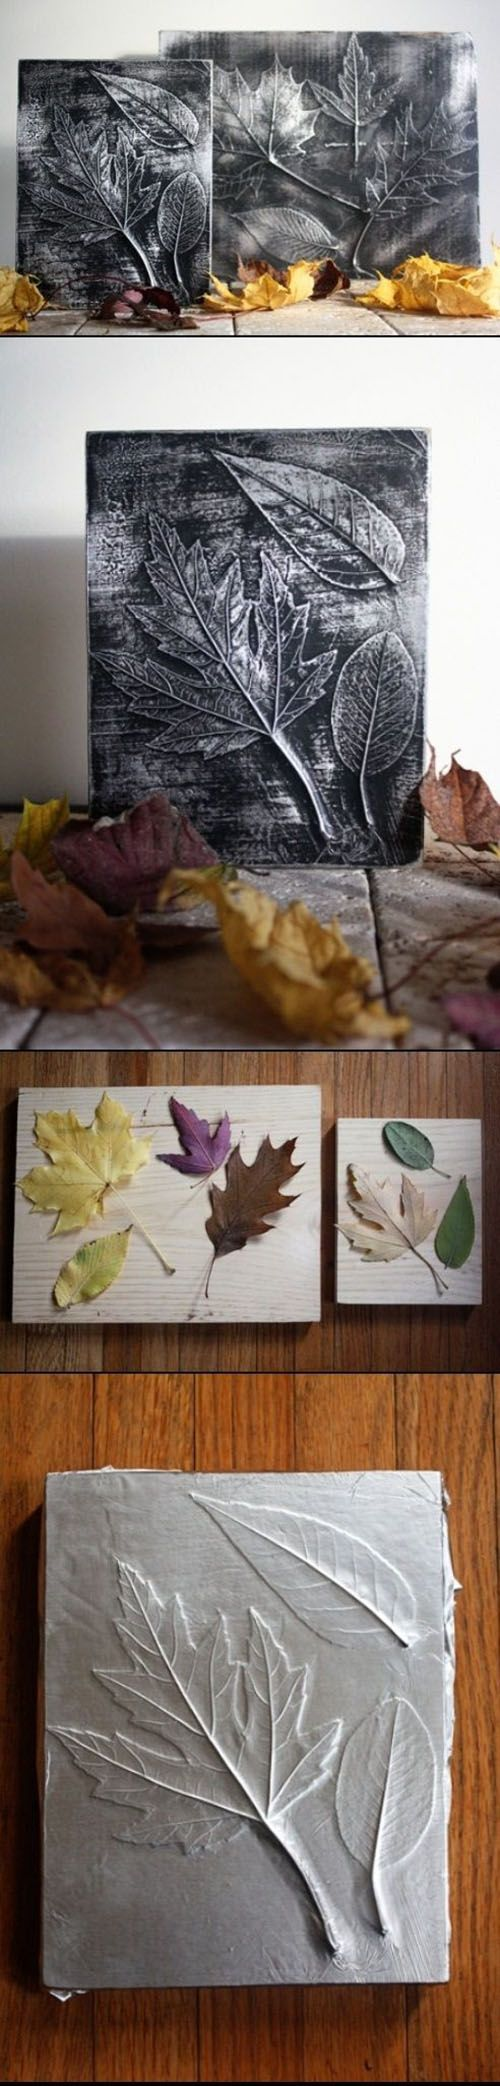 DIY Leaf Decor | DIY & Crafts Tutorials